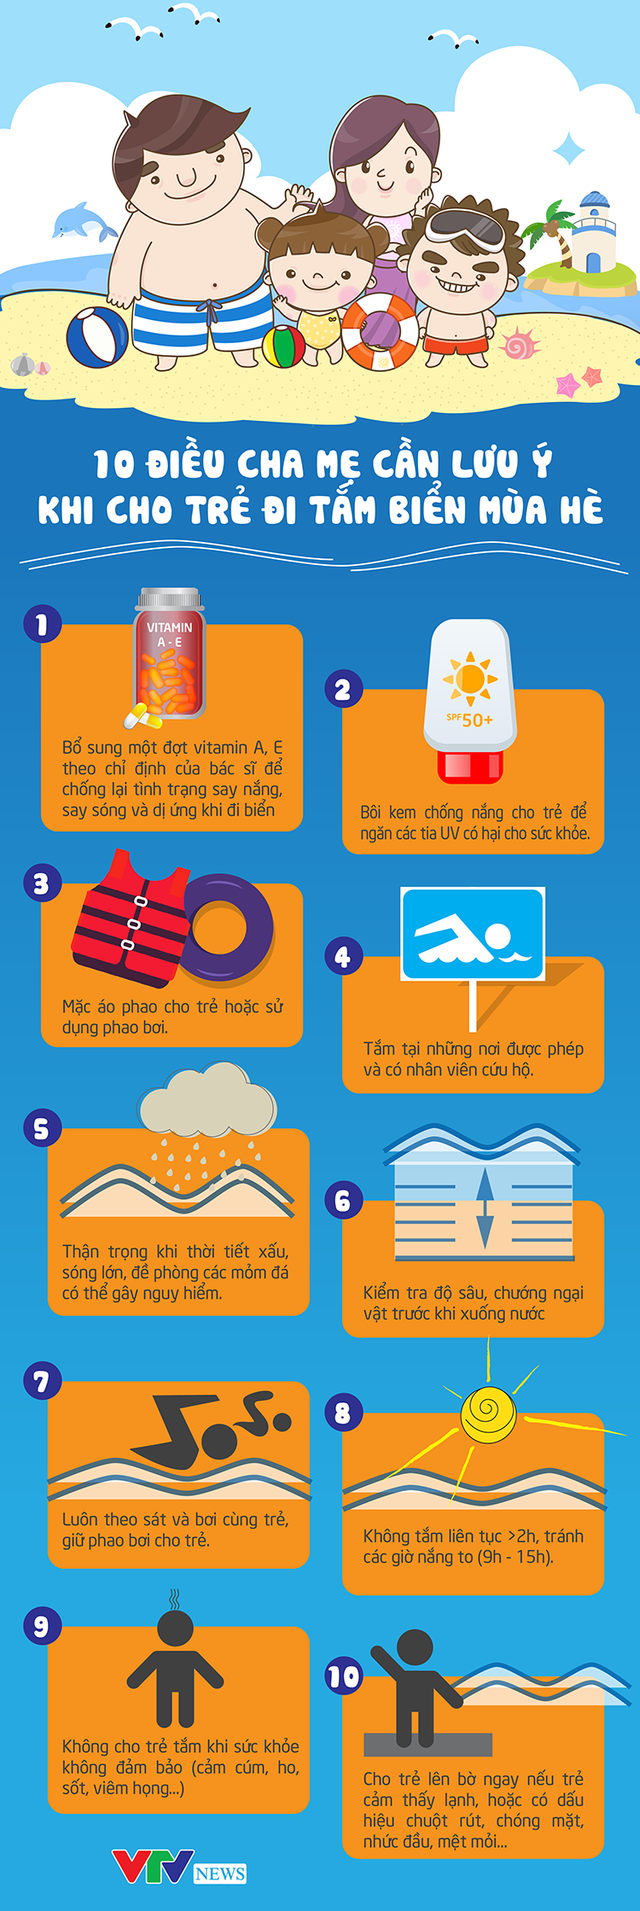 [INFOGRAPHIC] 10 điều cha mẹ cần lưu ý khi cho trẻ đi tắm biển mùa hè - Ảnh 1.